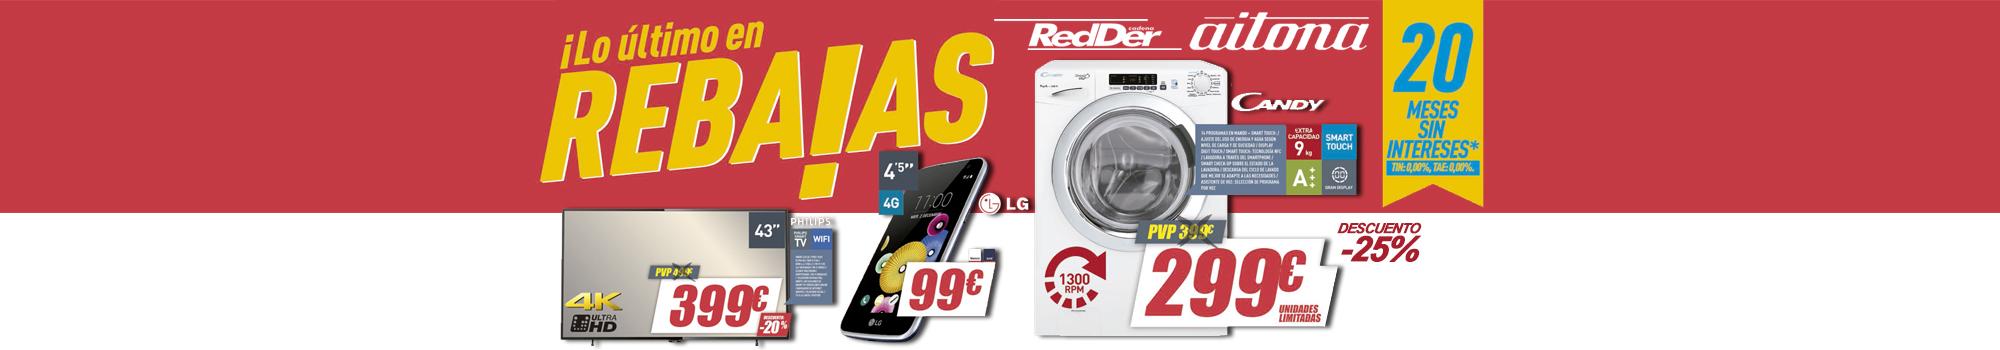 Reparaciones de electrodomésticos en Santa Pola, ofertas de electrodomésticos en elche